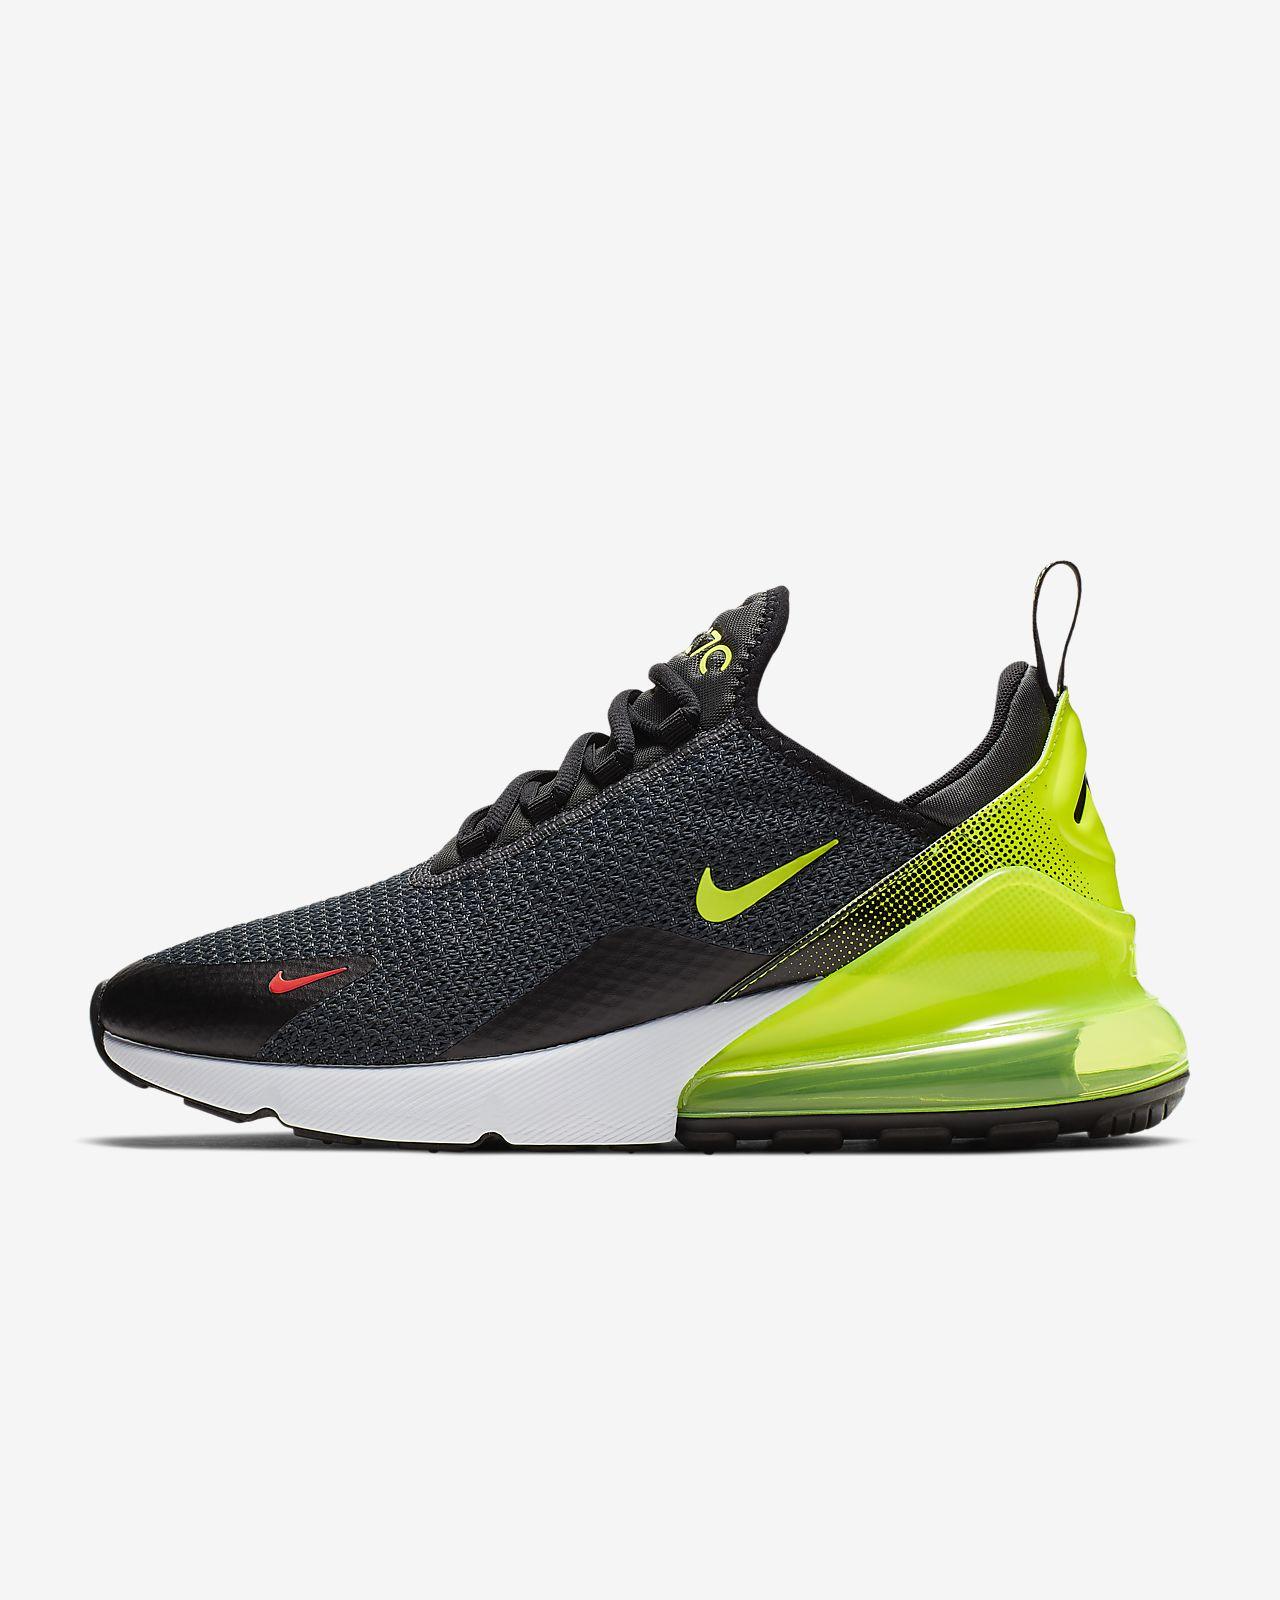 Nike Air Max 270 SE 男子运动鞋